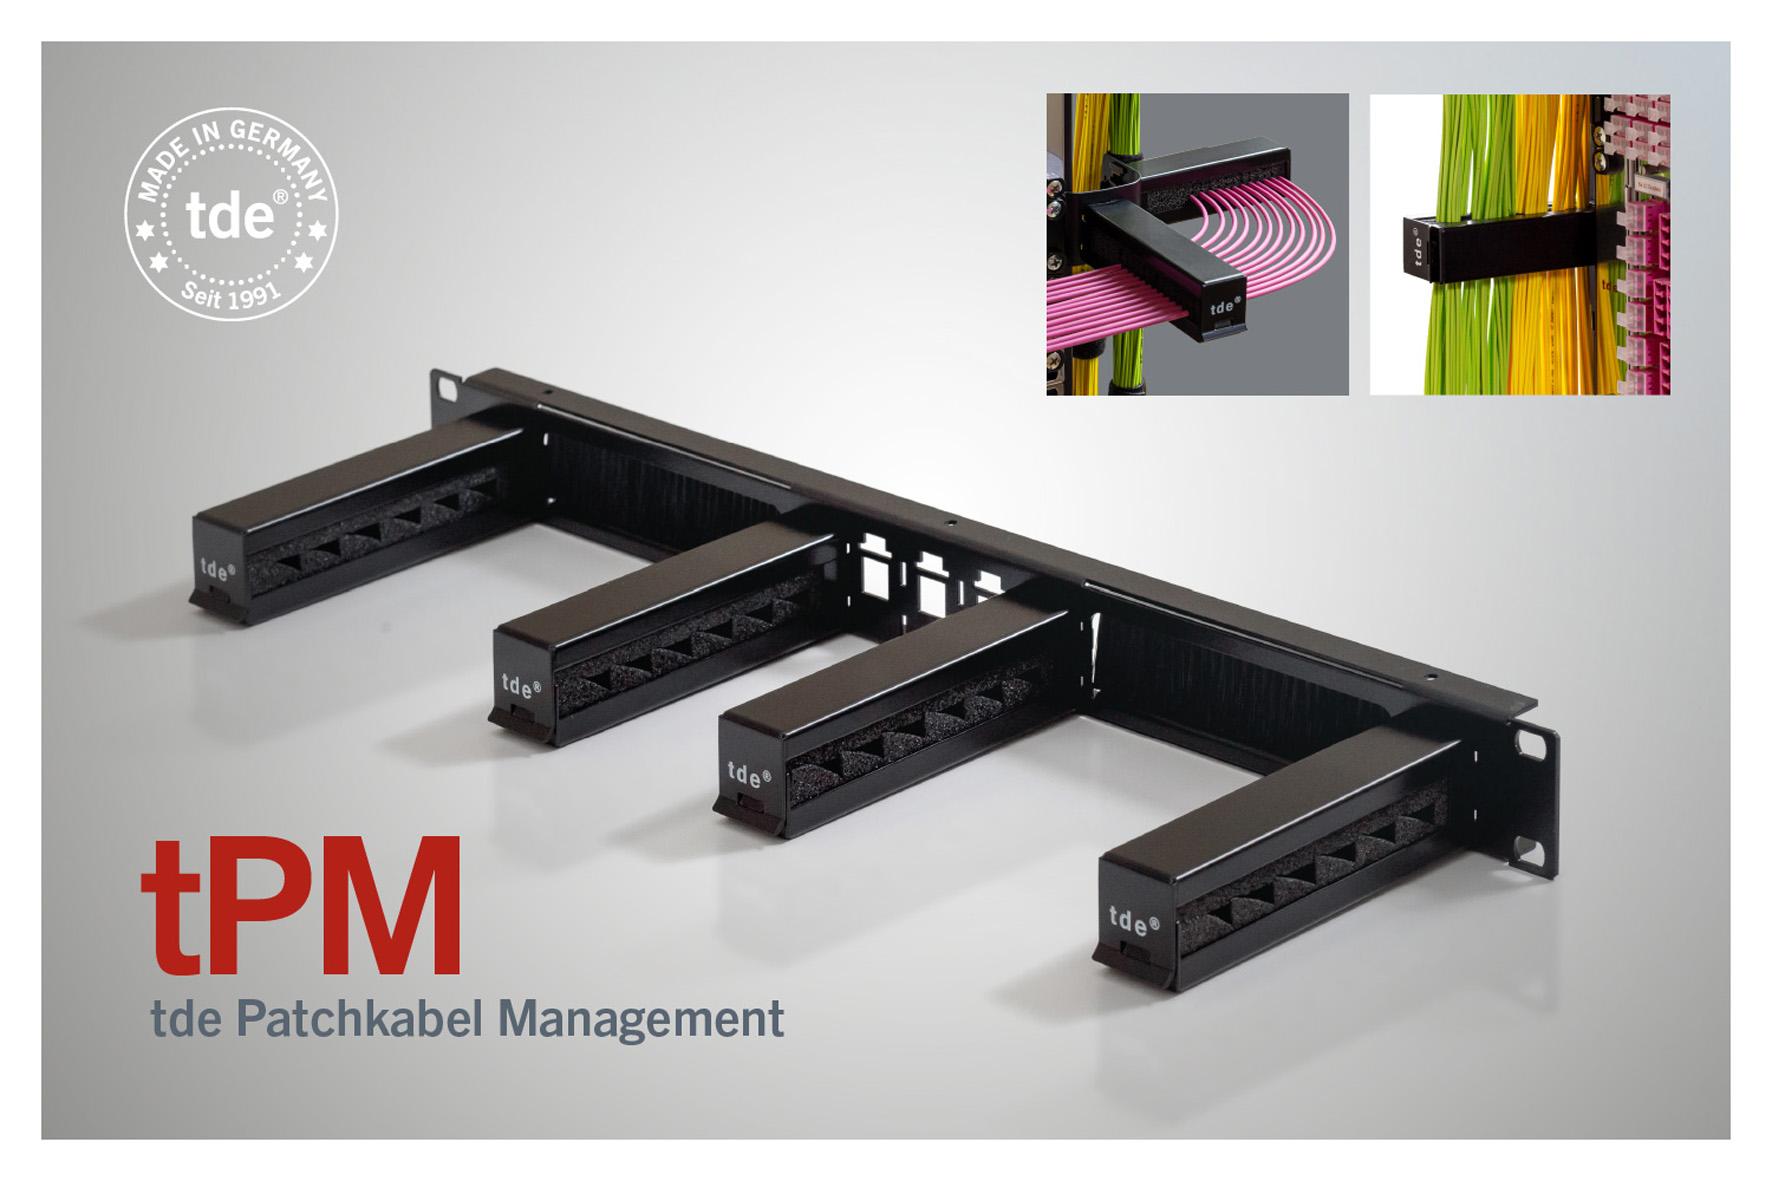 tPM von tde ab sofort mit integrierten Kabeldurchführungen und vertikalen Trägerplatten